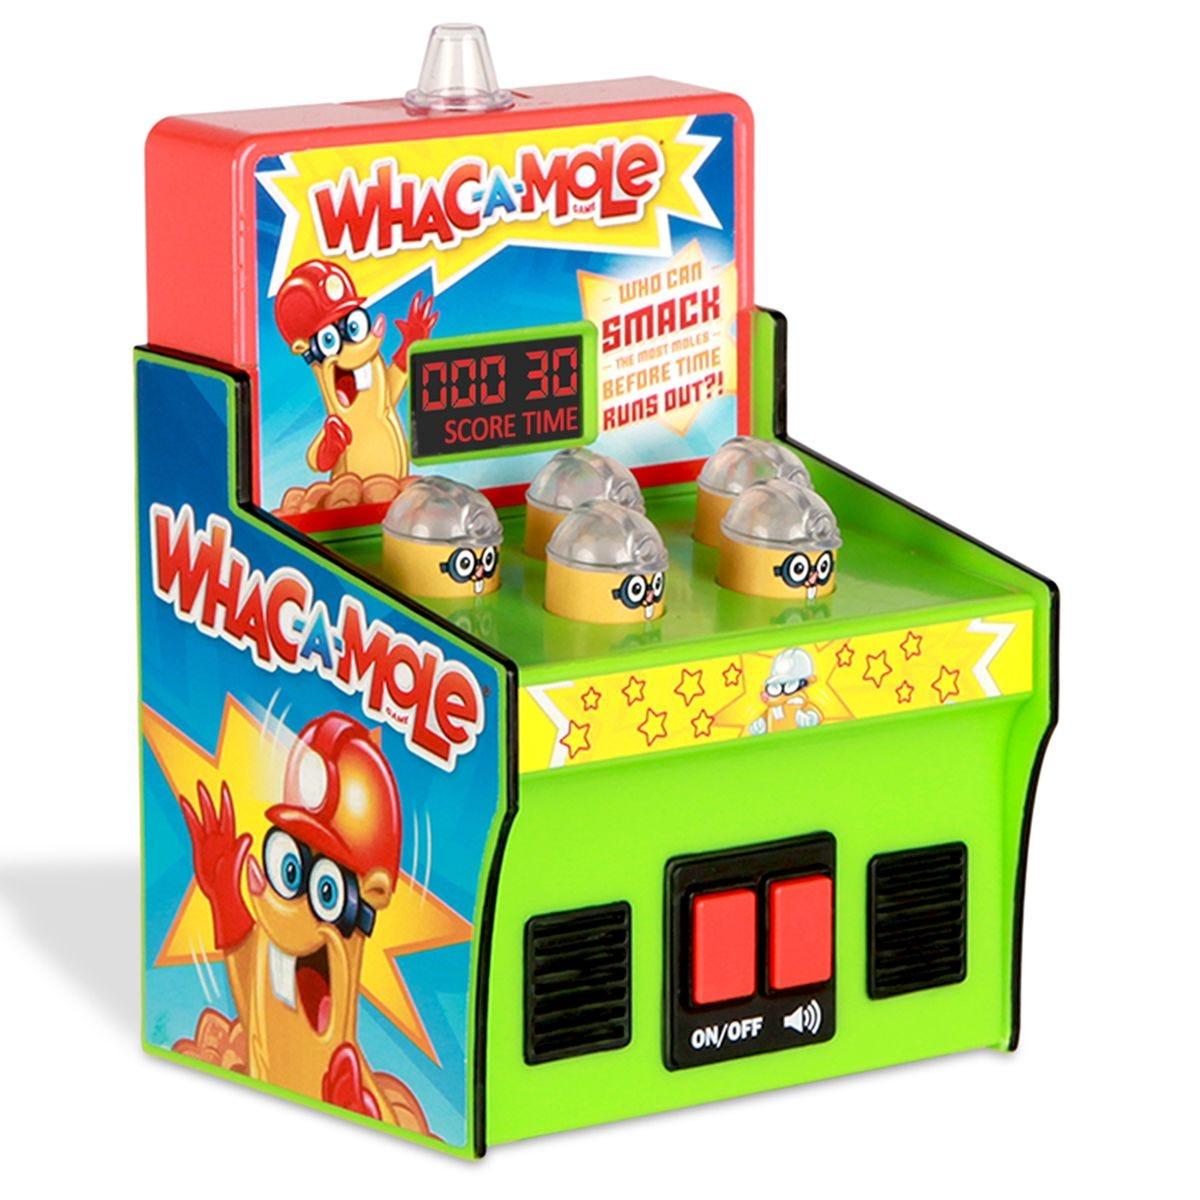 Whac A Mole Mini Arcade Game